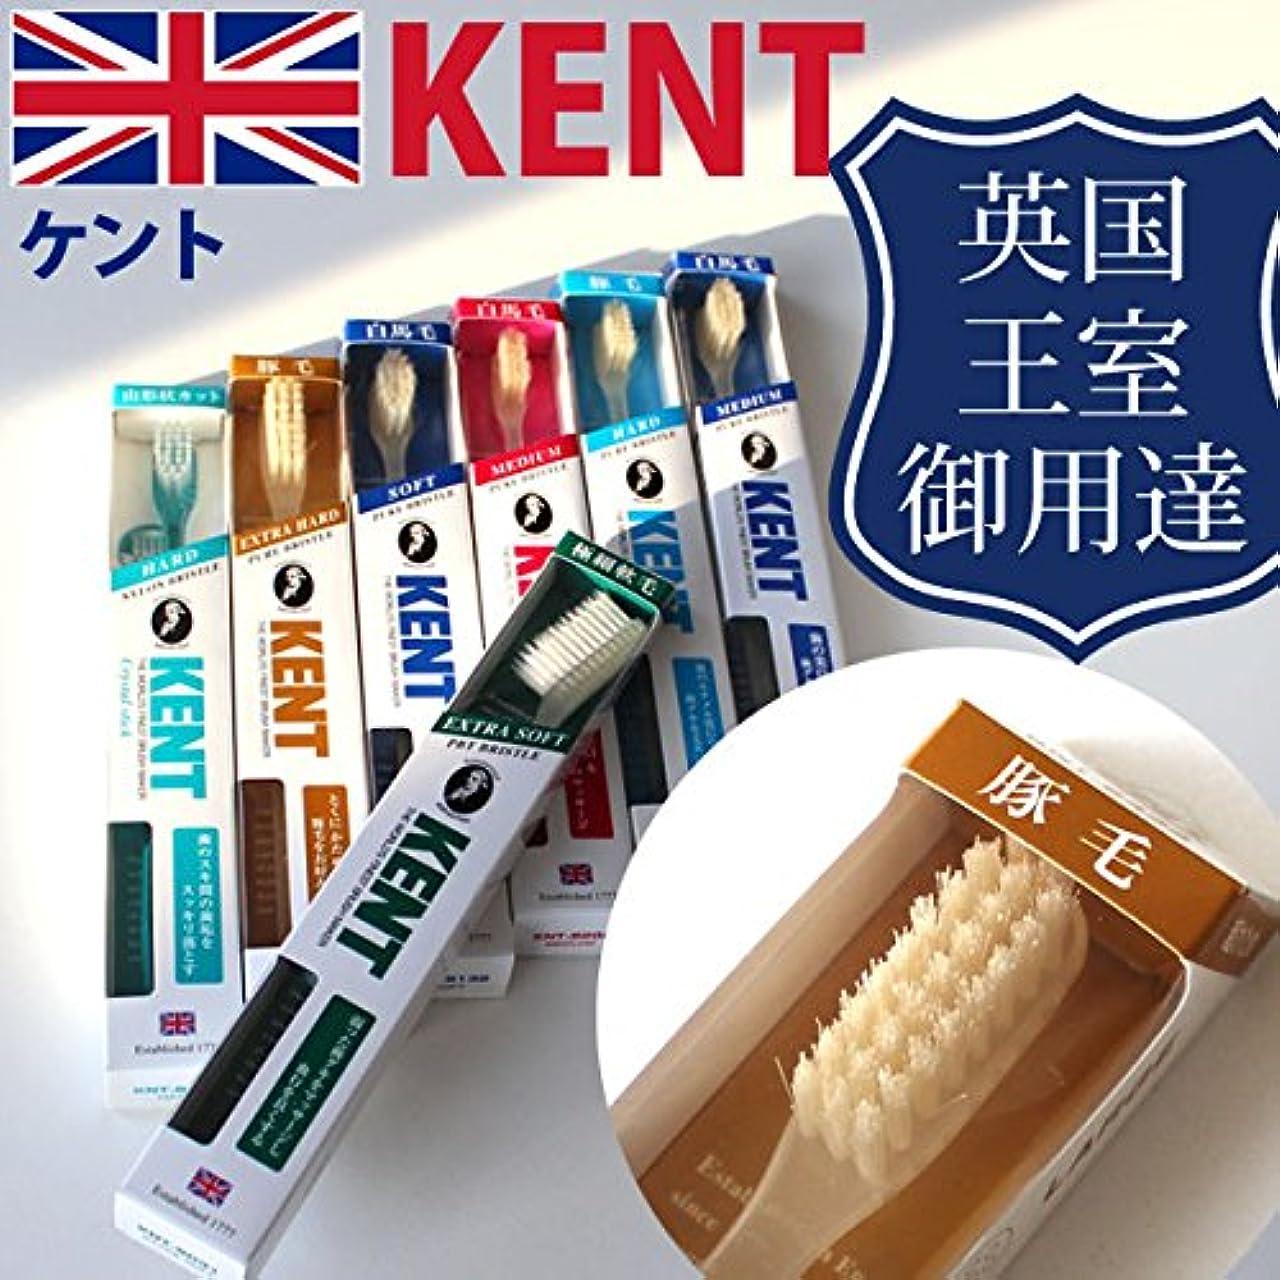 ウェイトレス行動横向きケント KENT 豚毛 コンパクト 歯ブラシKNT-9233/9833単品108 ふつう